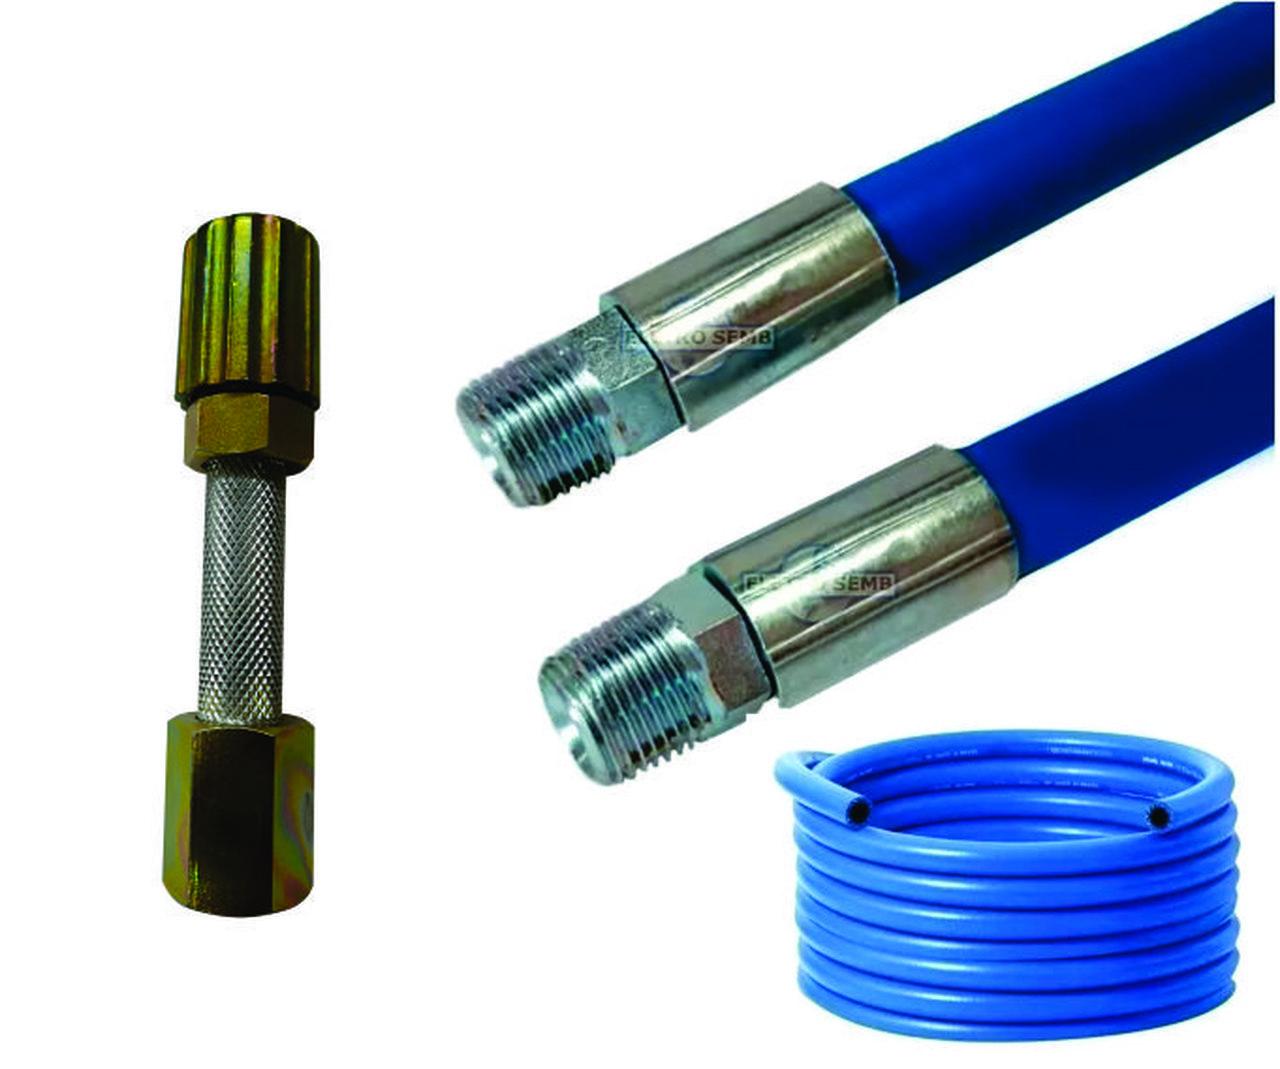 Mangueira Lava Rápido Jato Car Azul Lavadora Alta Pressão 15m Conexão 1/2 Prensado Com Esguicho Metal 3,2mm